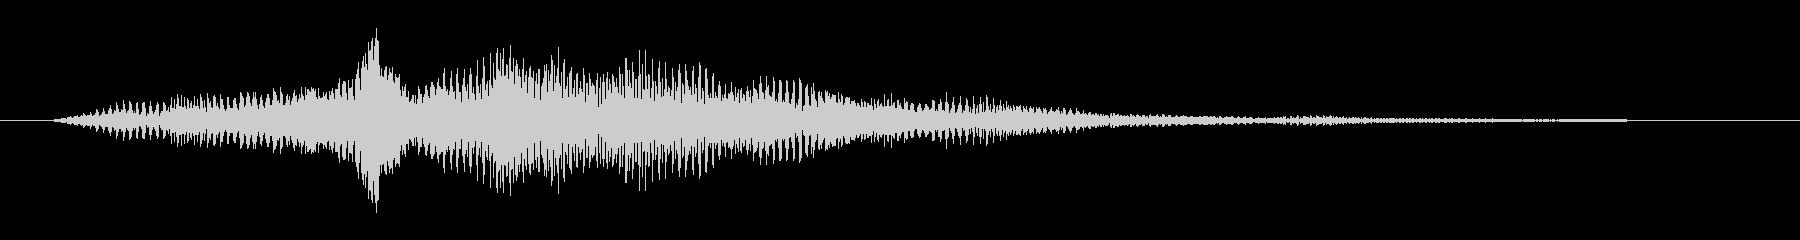 フワーン(パッド)の未再生の波形